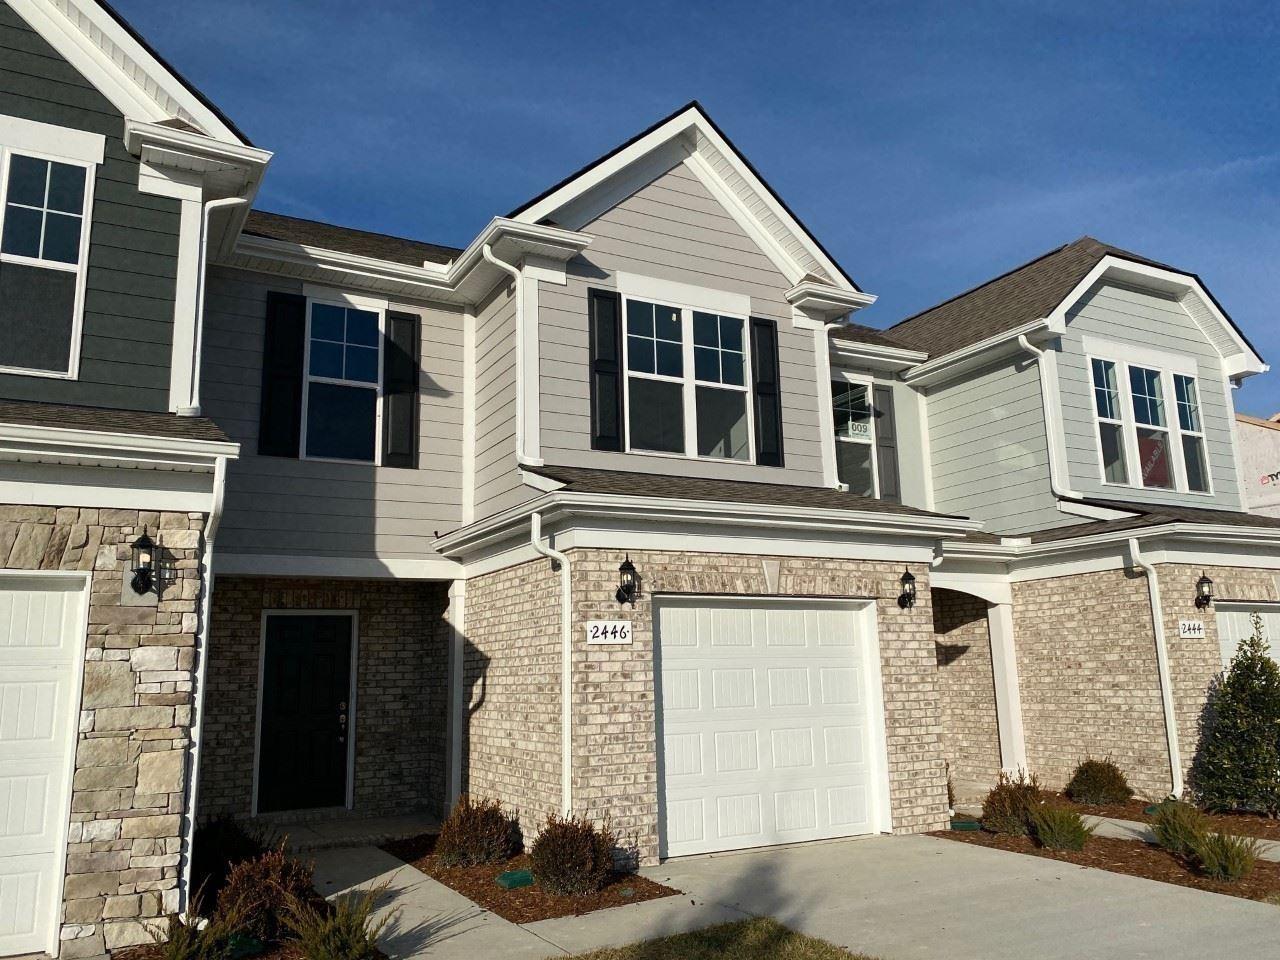 2429 Salem Creek Court, Murfreesboro, TN 37128 - MLS#: 2274719